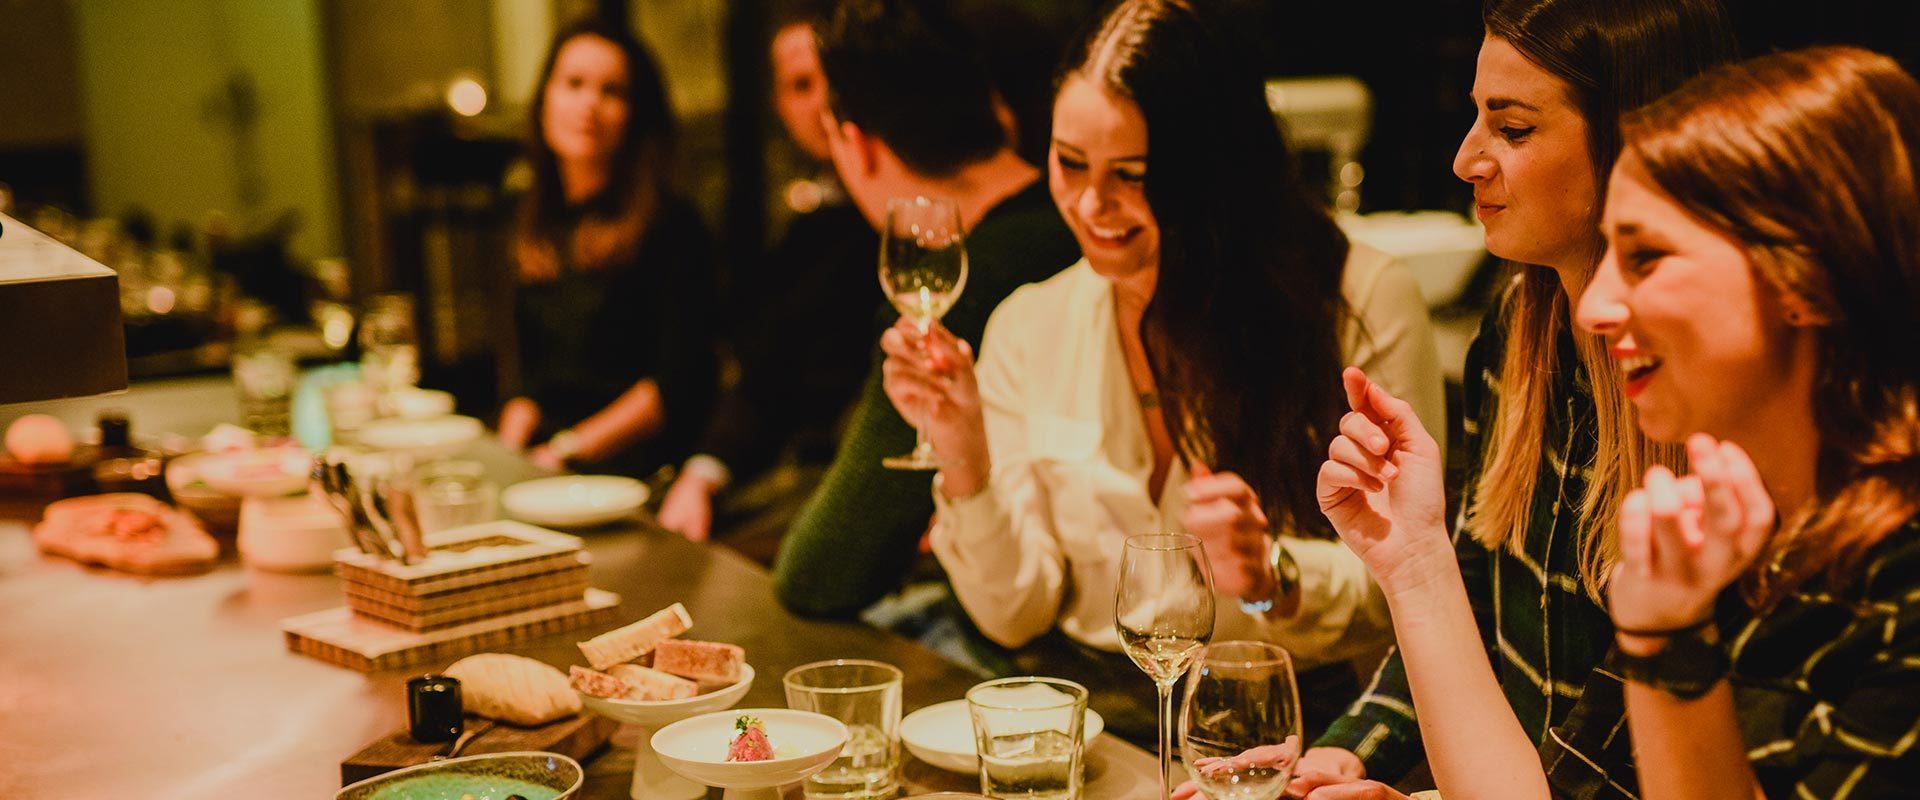 juliette-cosina-vrouwen-aan-tafel